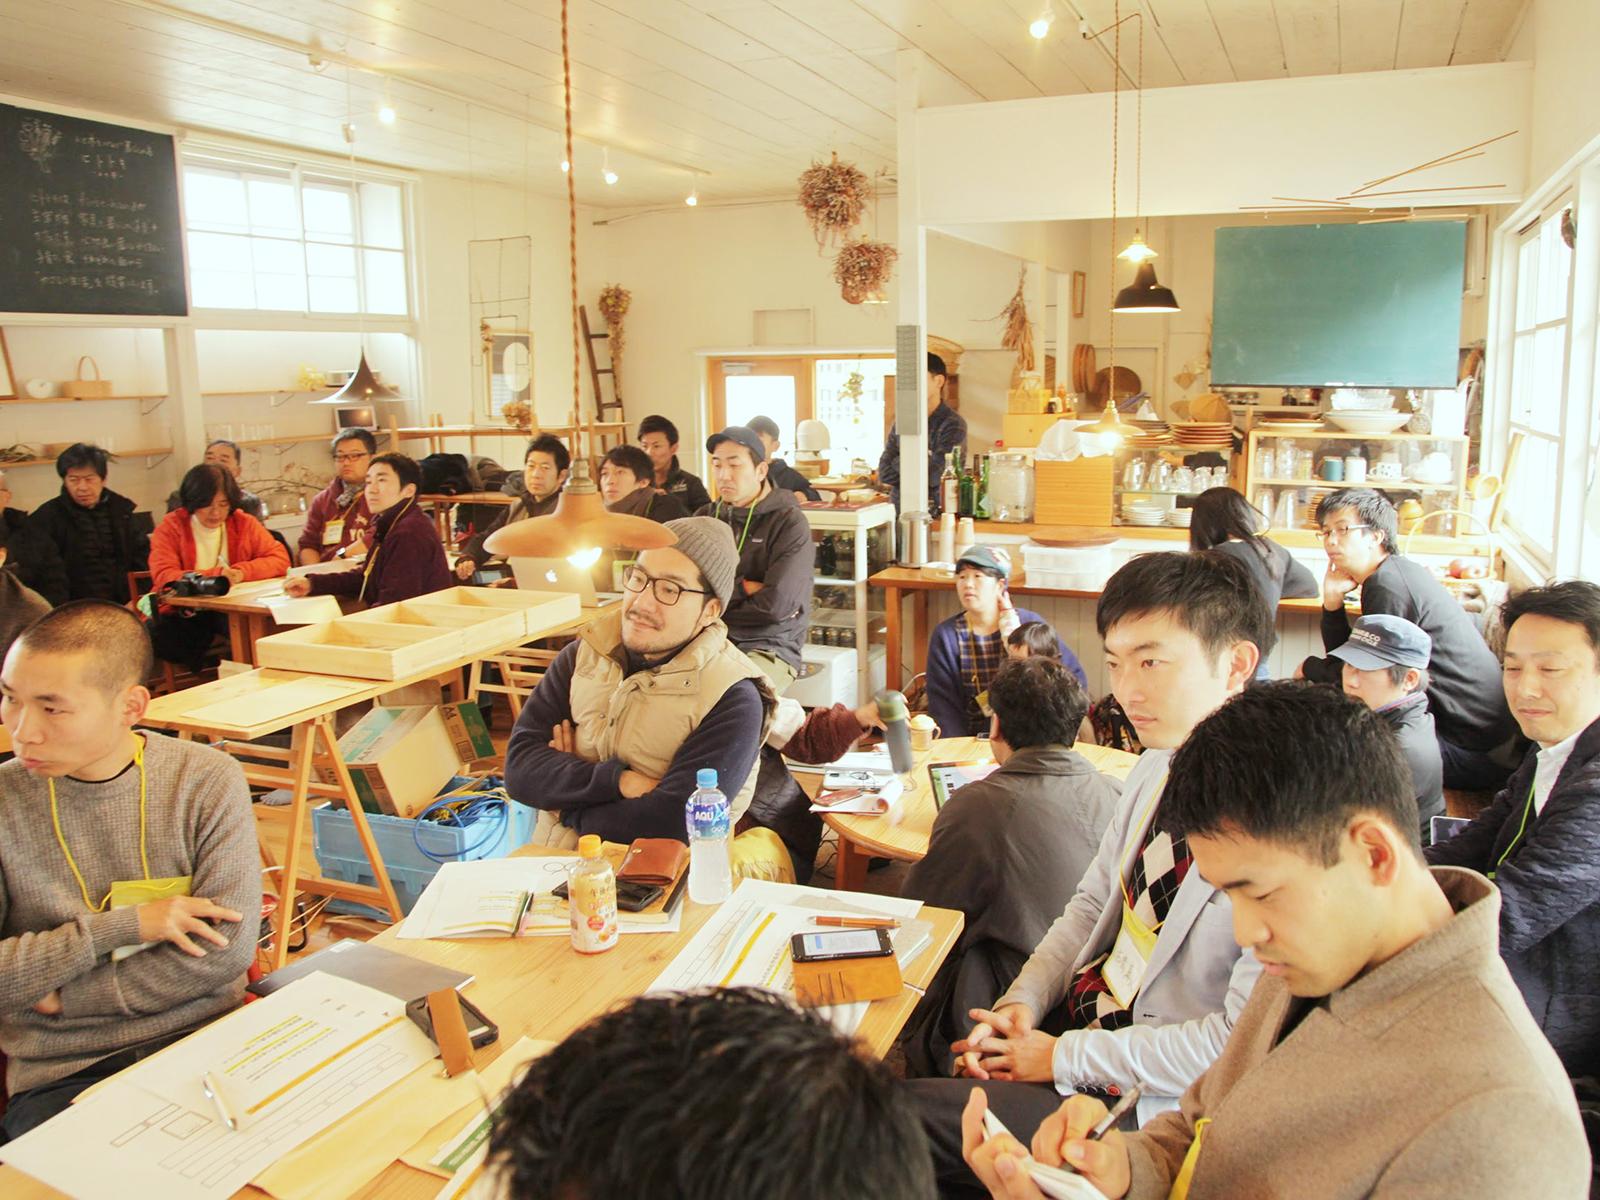 『コワーキングスクールキャンプ』にて、コワーキングスペースの運営方法を指南する。